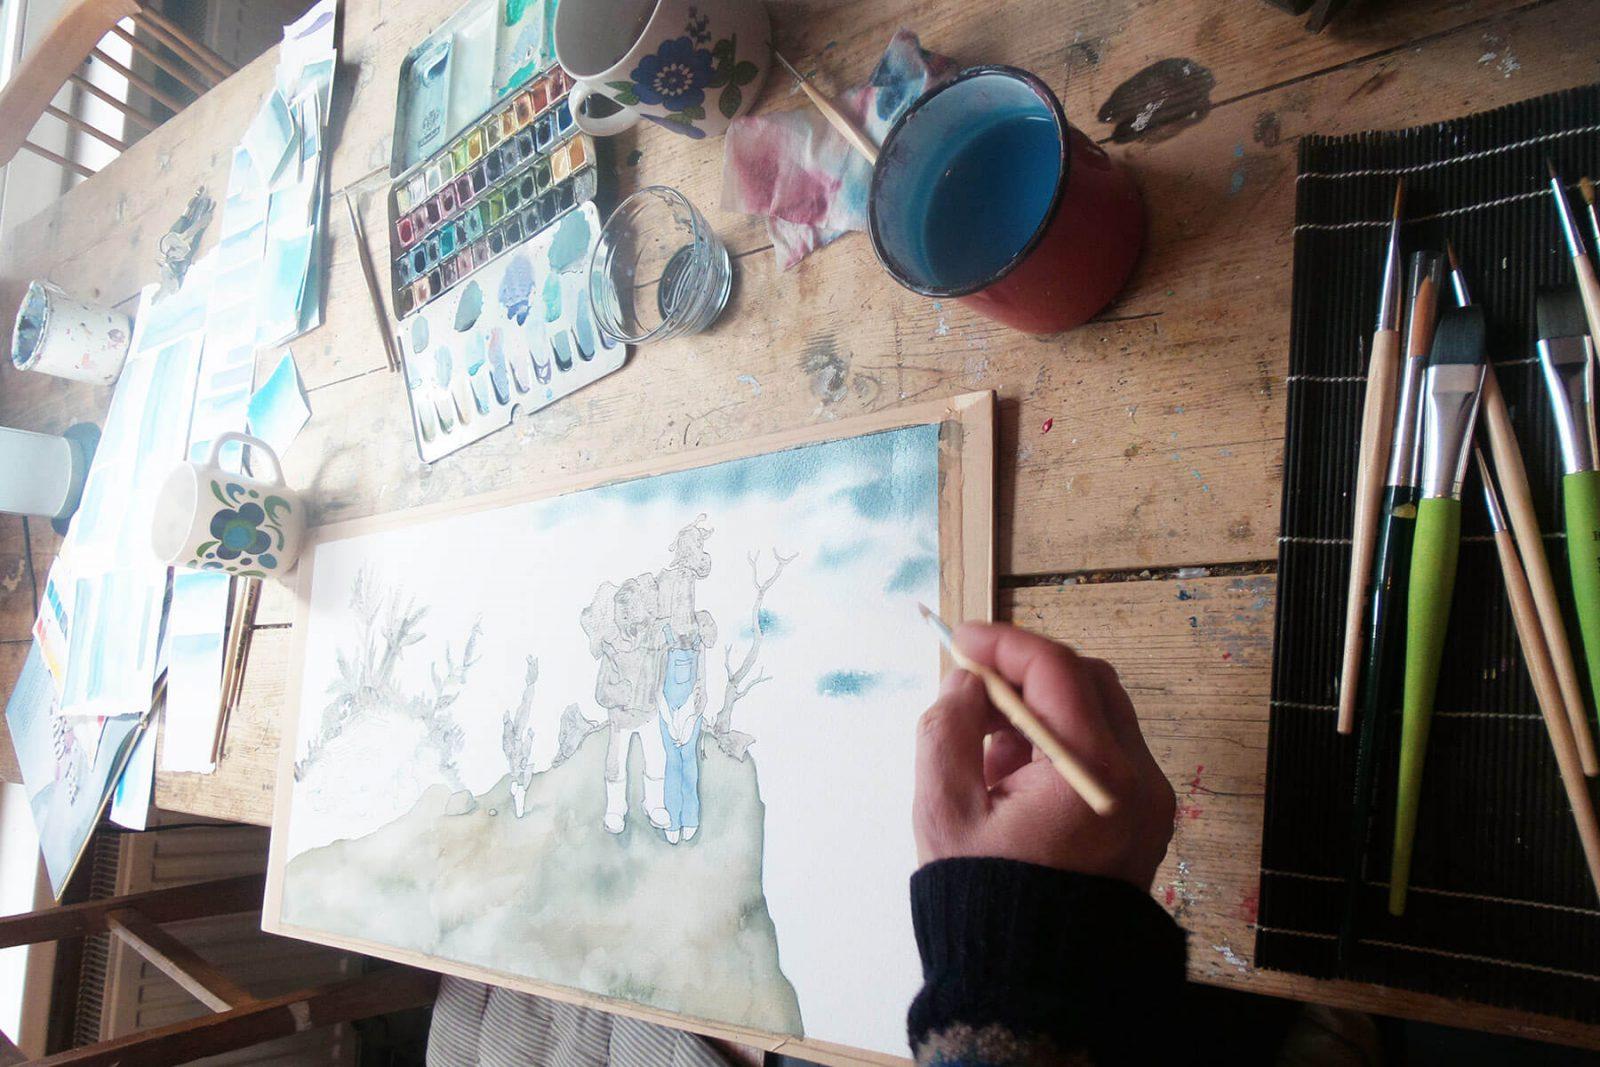 maken prentenboek met aquarel